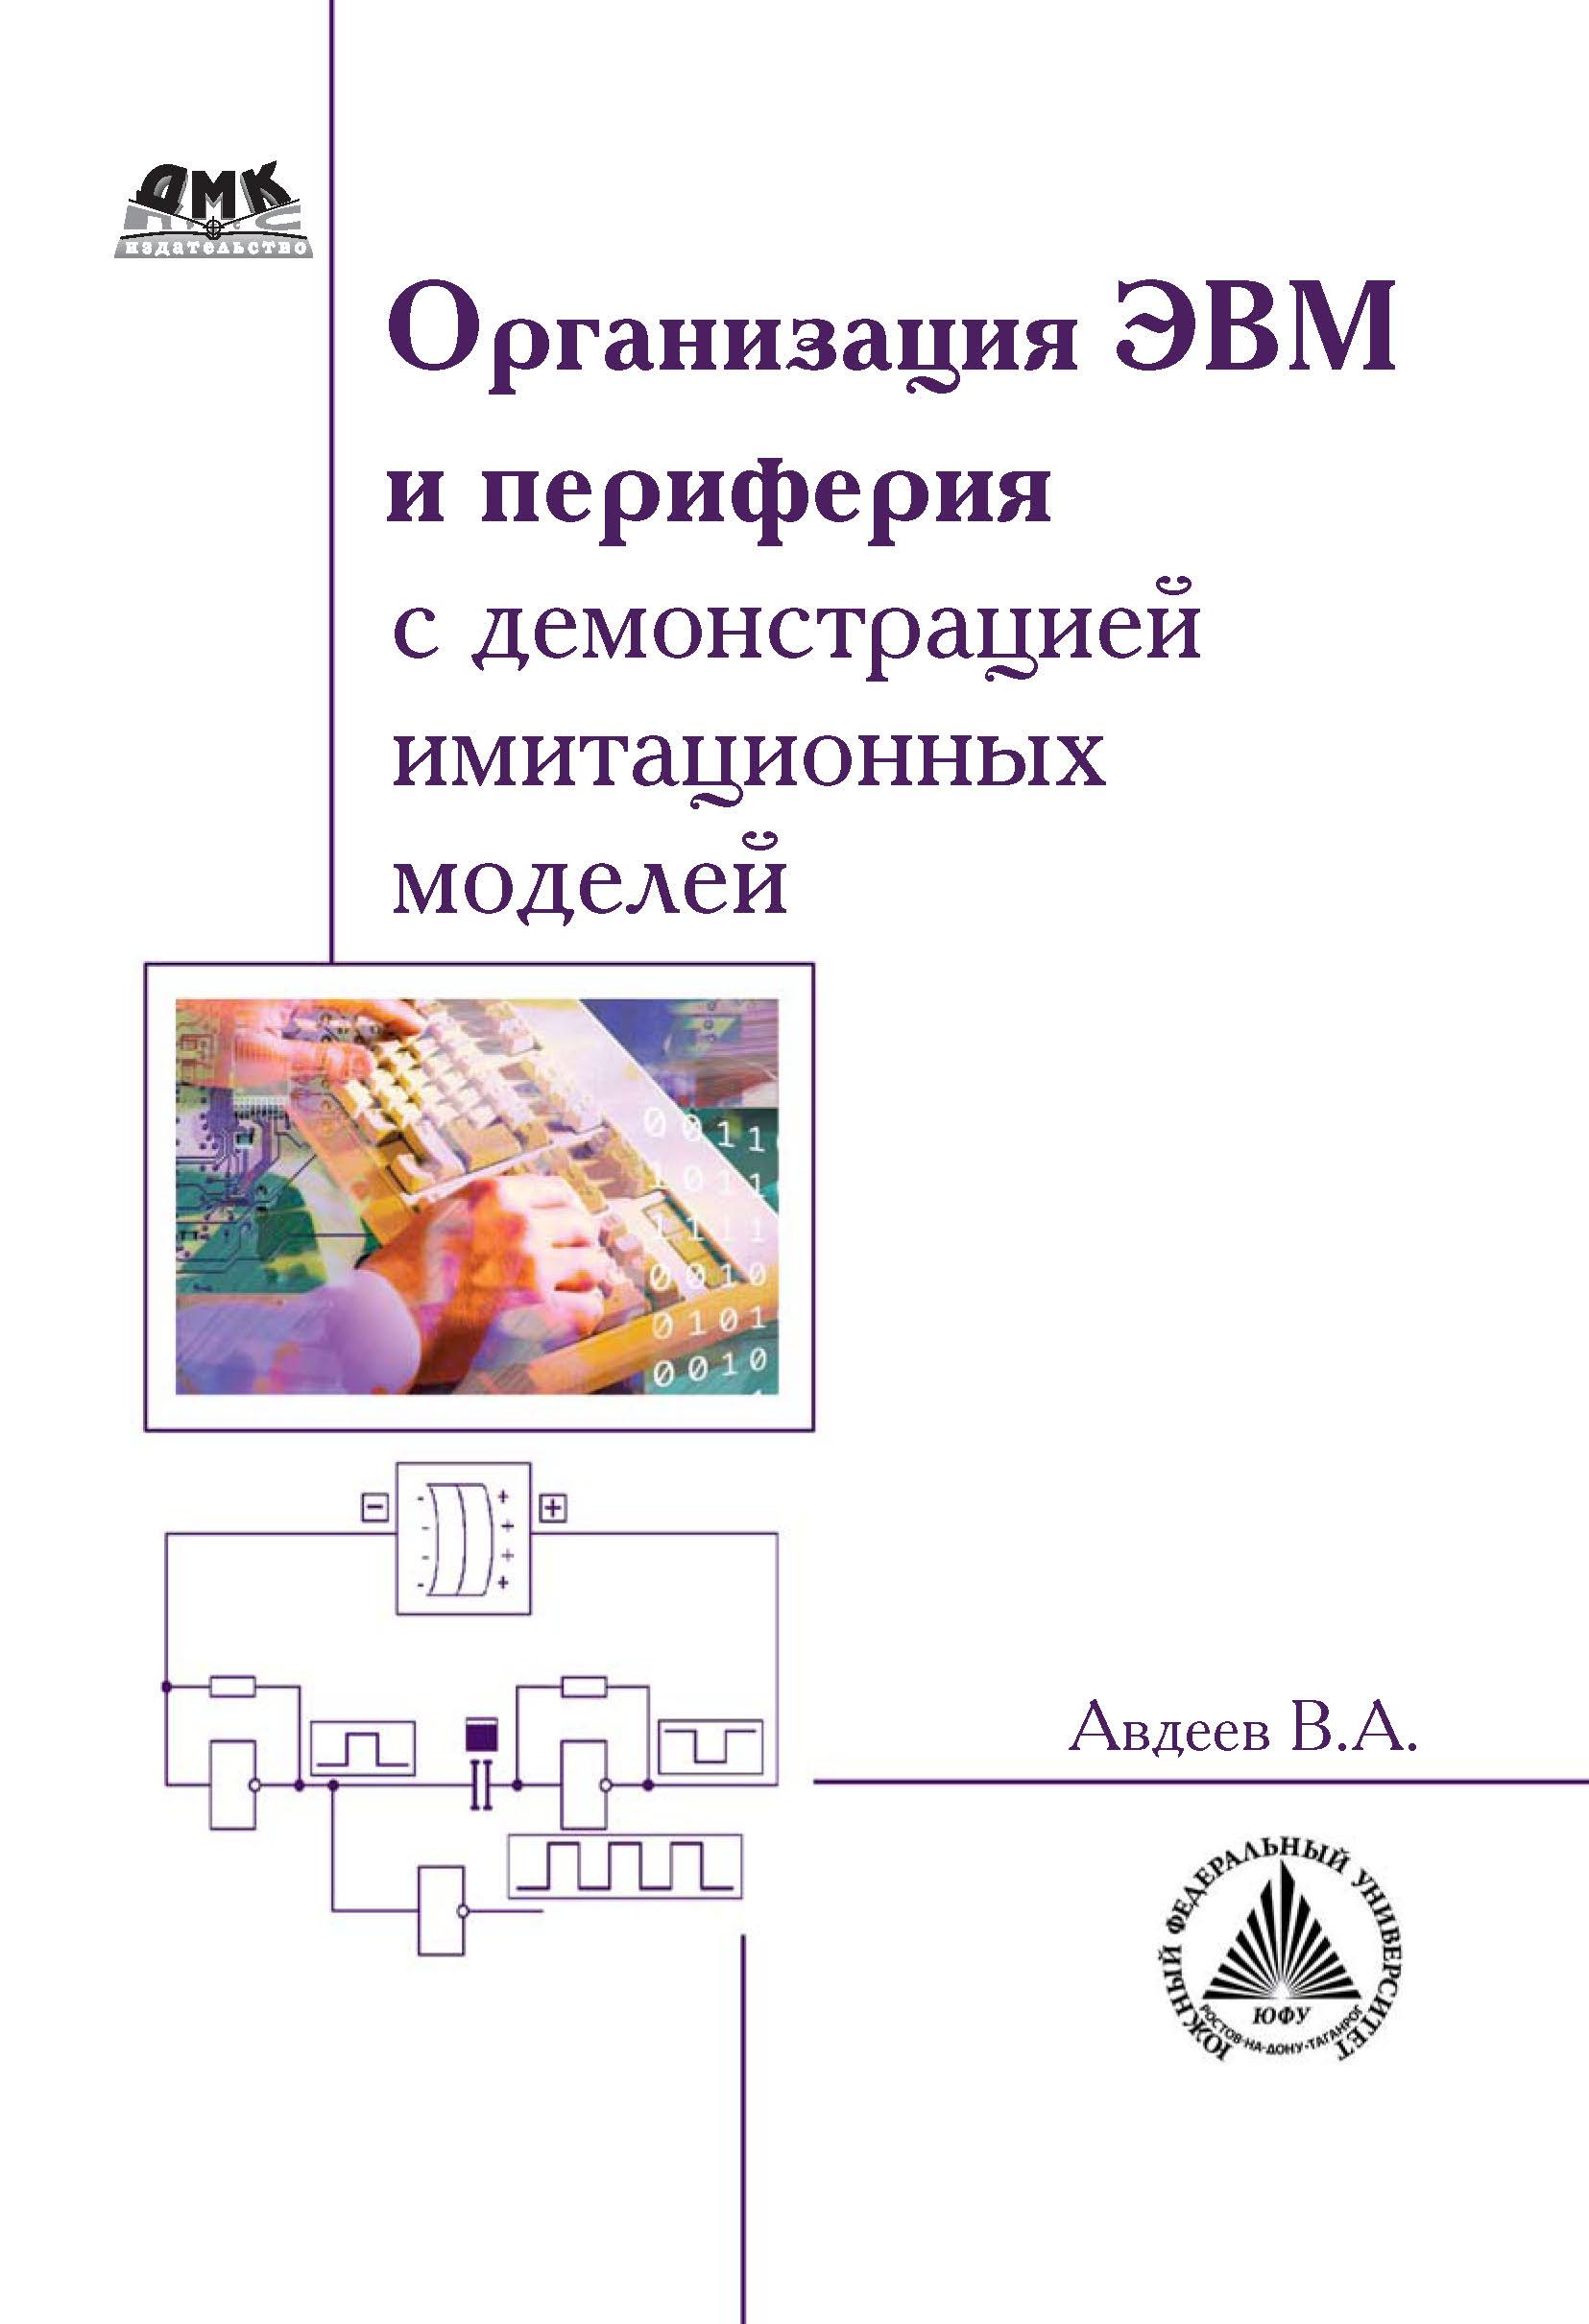 Организация ЭВМ и периферия с демонстрацией имитационных моделей